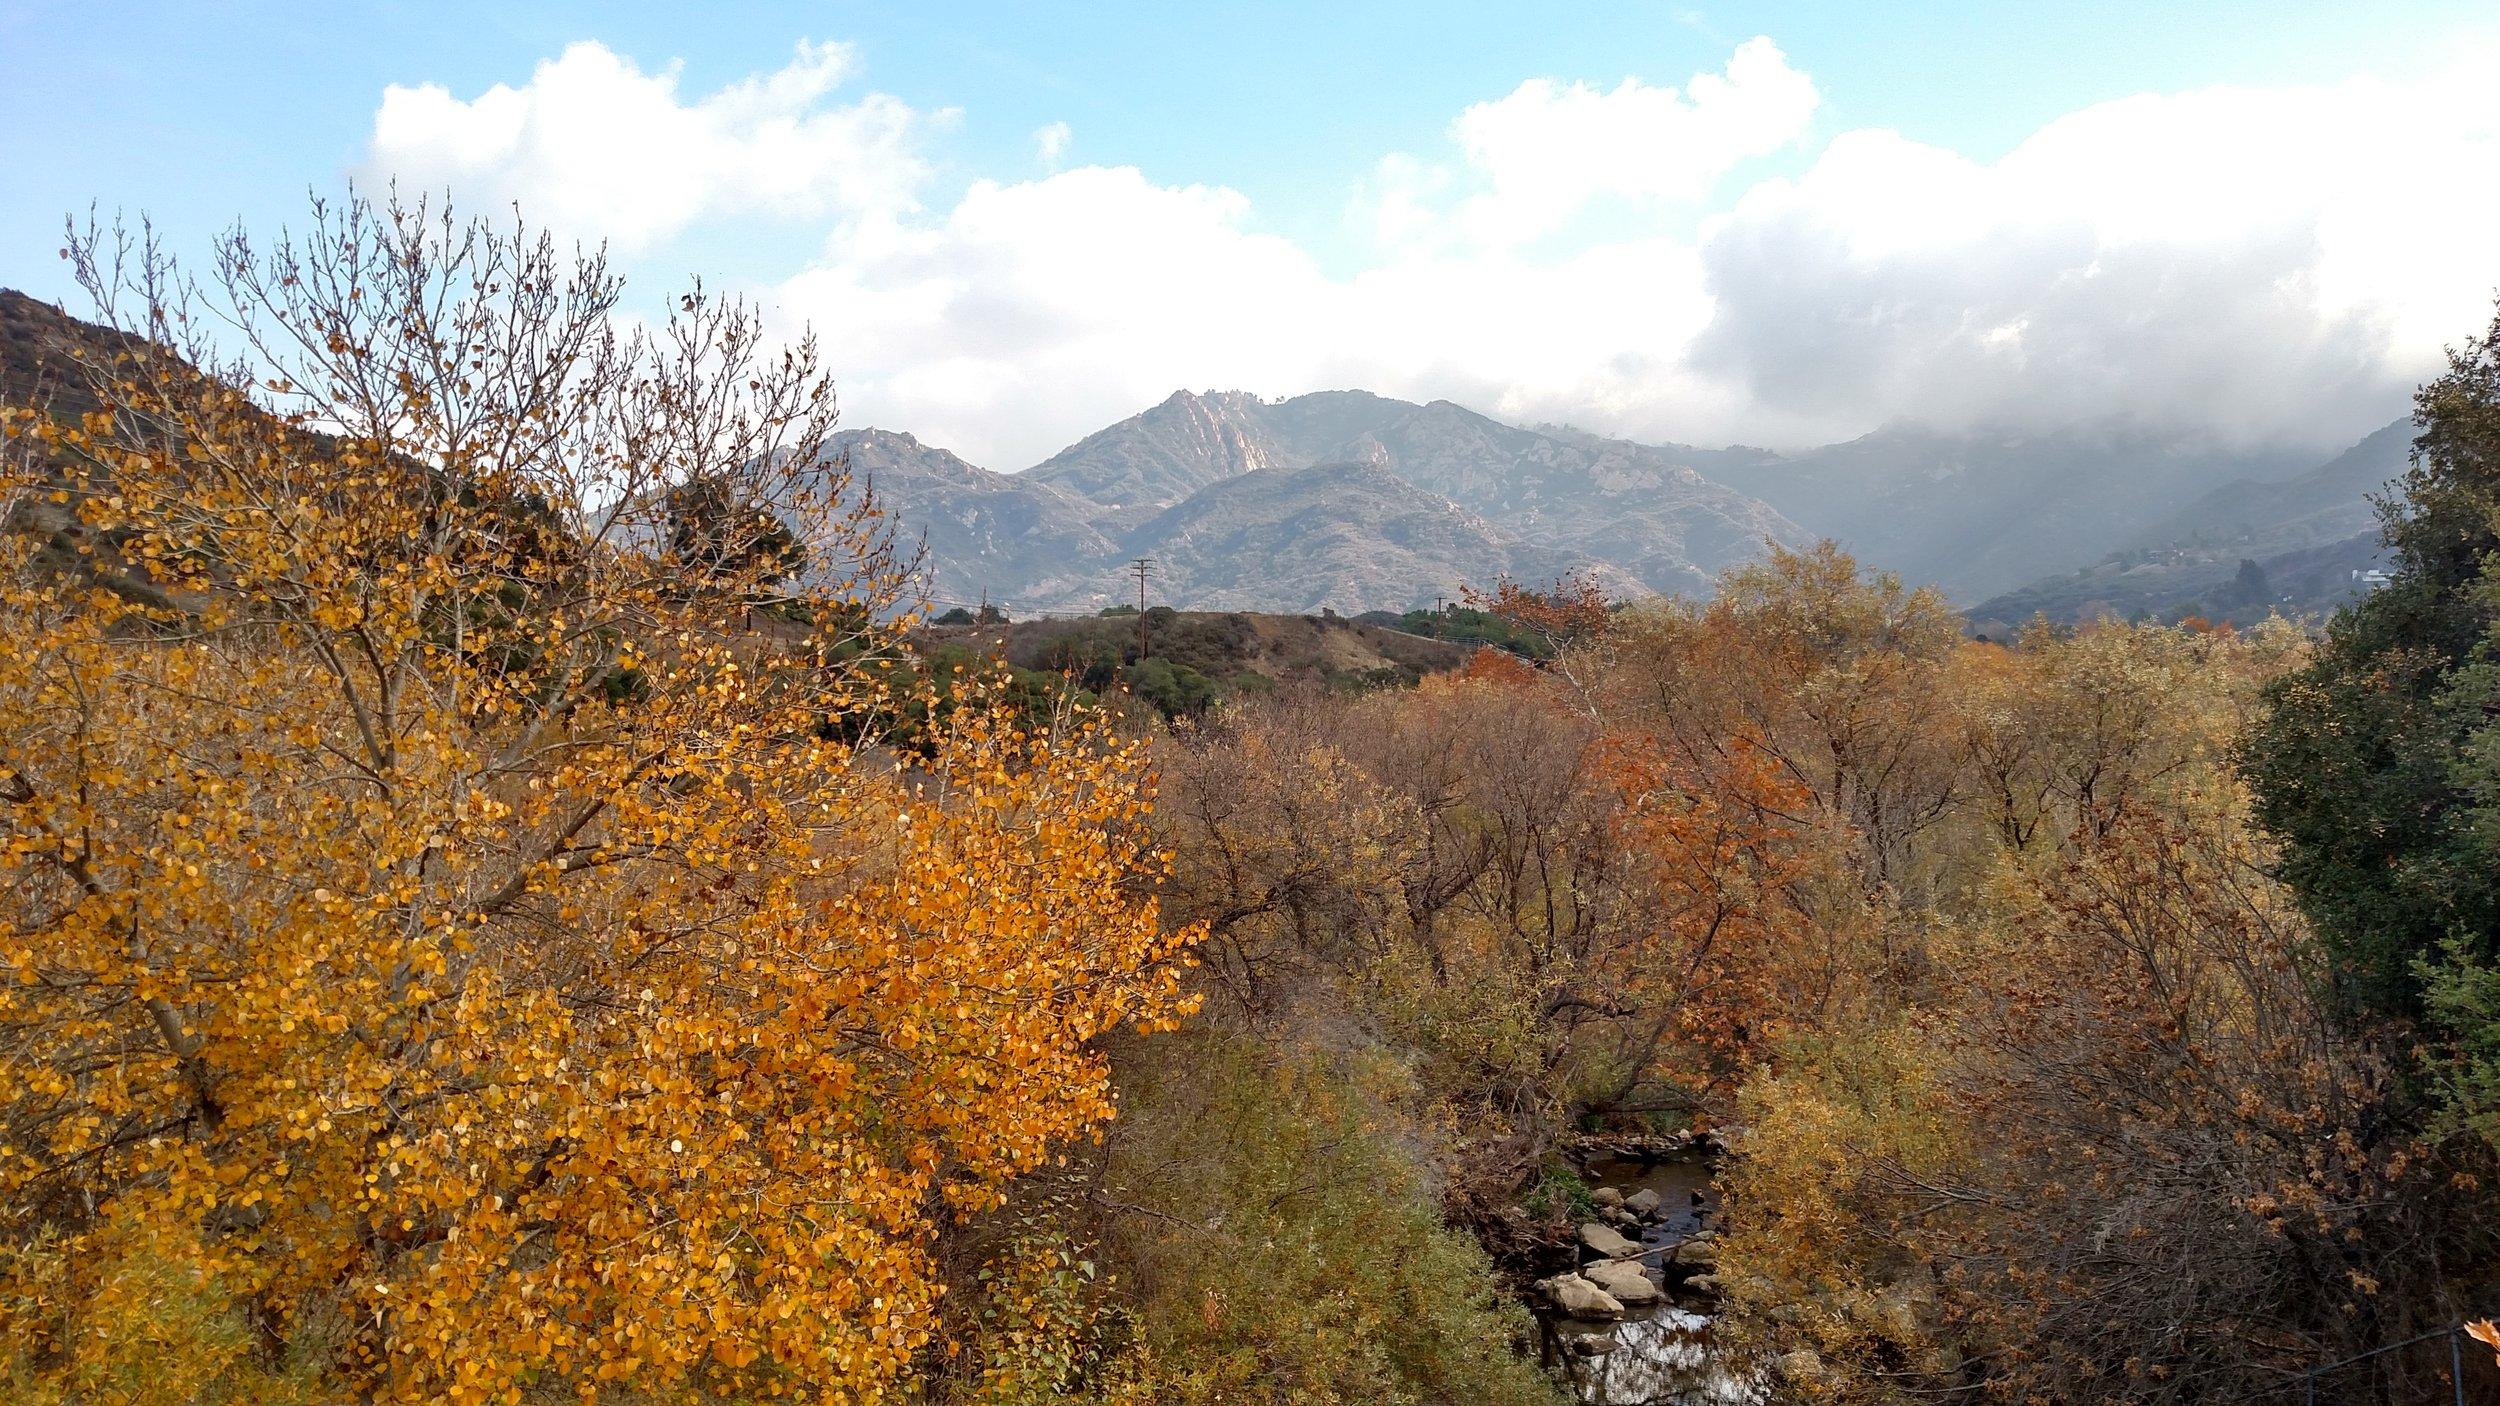 Photo by Micah Tasaka at Malibu Creek State Park, Los Angeles, CA